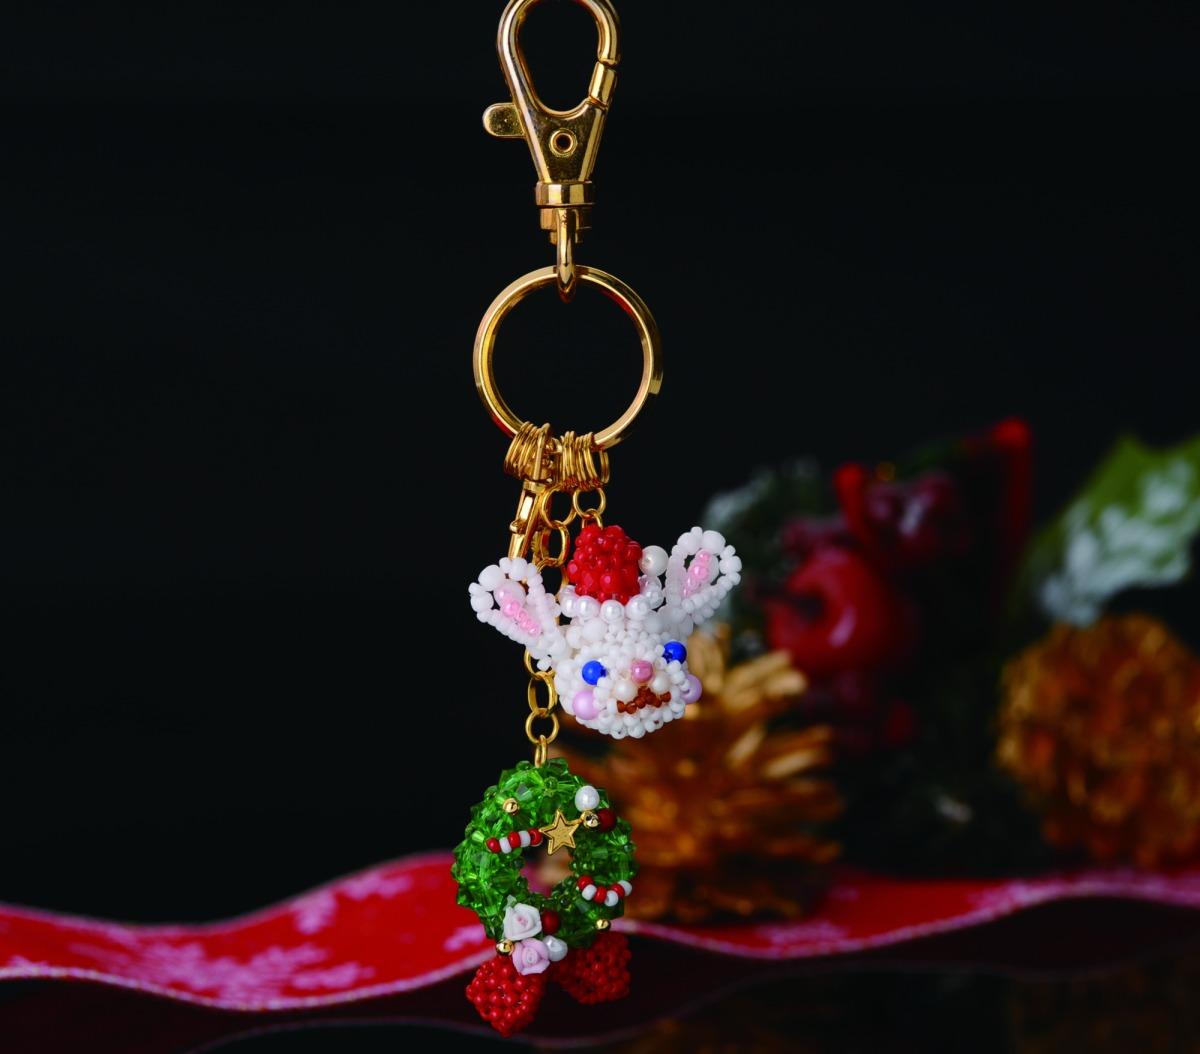 【無料レシピ】お顔のチャームホルダー~サンタうさぎのクリスマス女の子~ BM-15281